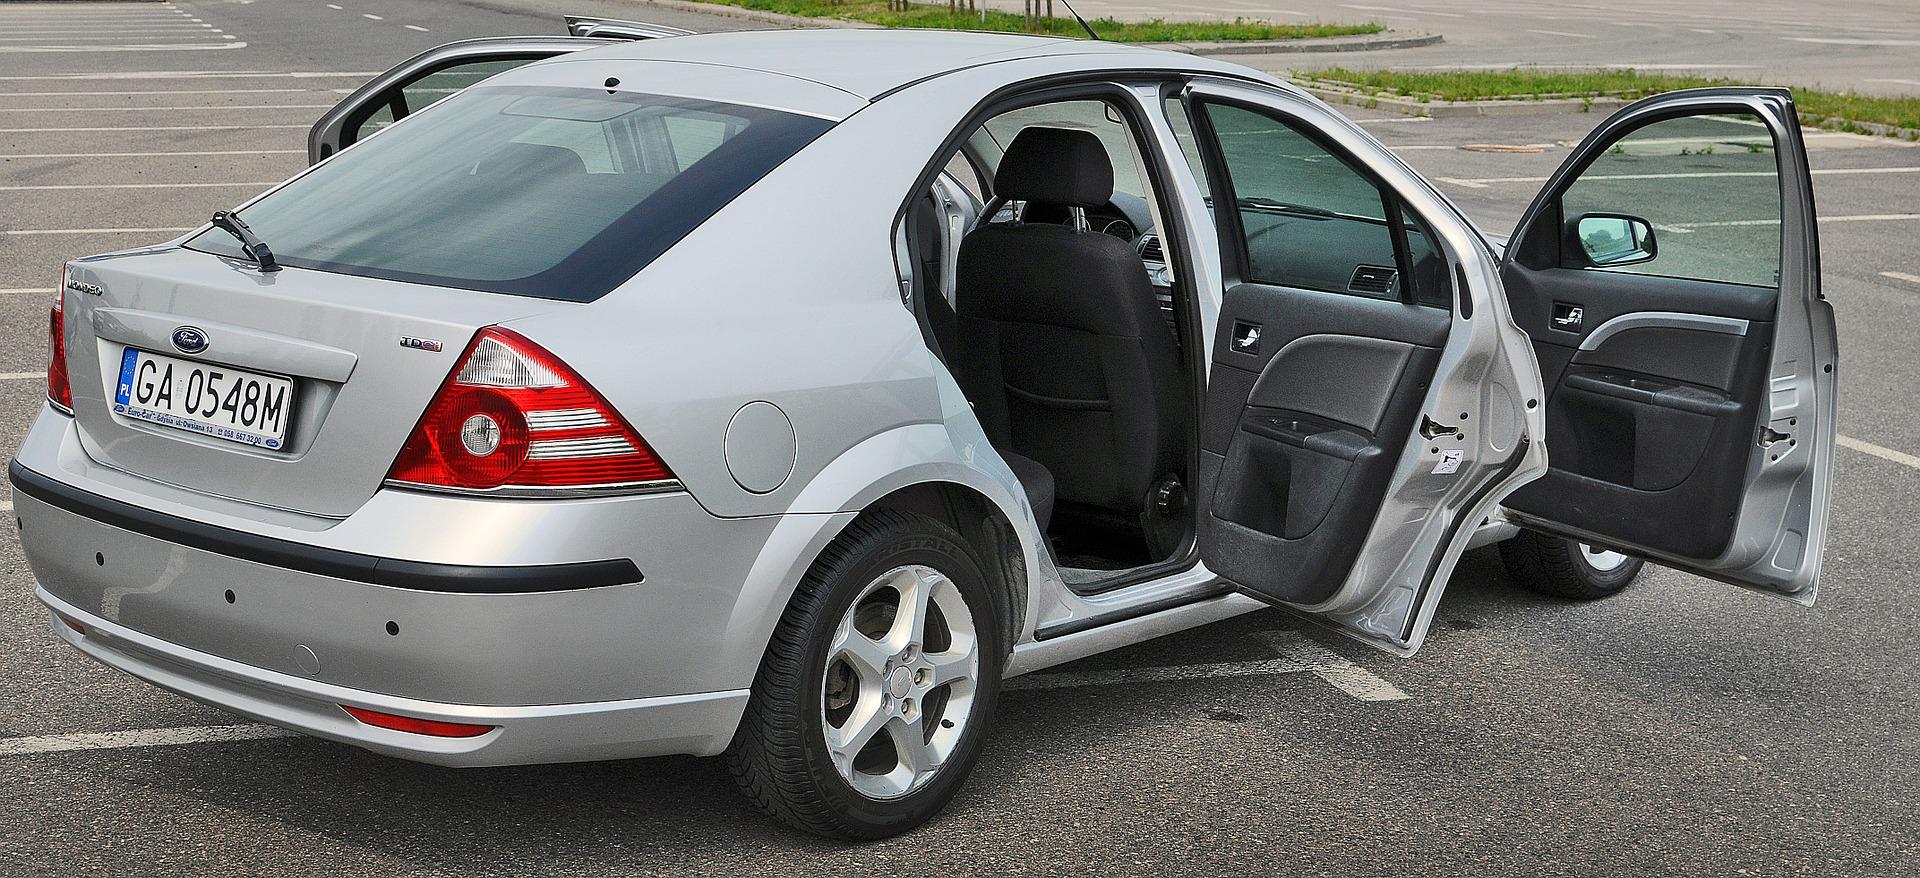 Skup aut – na co uważać podczas sprzedaży pojazdu? Poznaj 6 zasad efektywnej sprzedaży samochodu